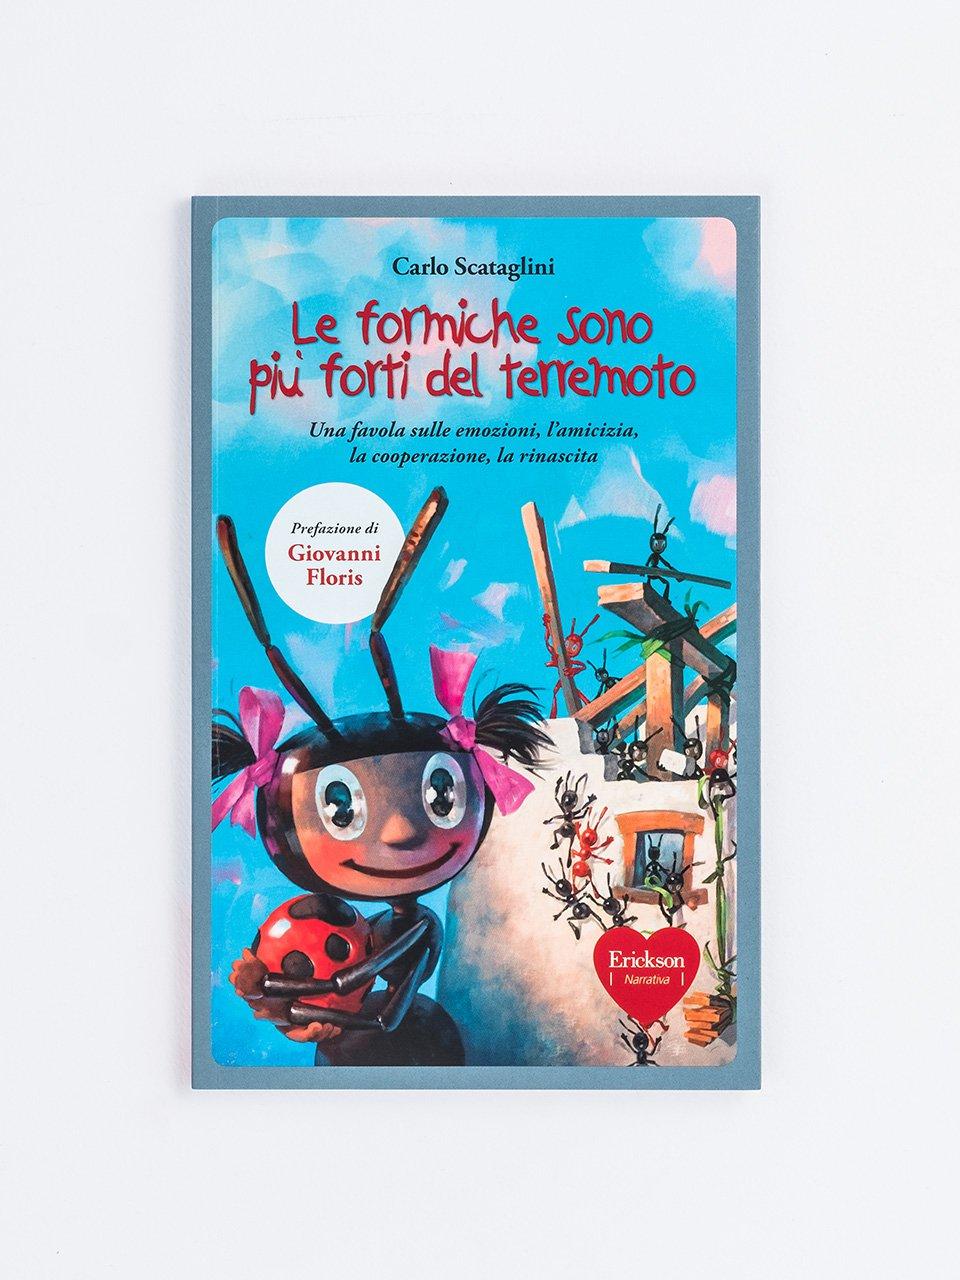 Le formiche sono più forti del terremoto - Schede per Tablotto (6-8 anni) - Parole e frasi st - Giochi - Erickson